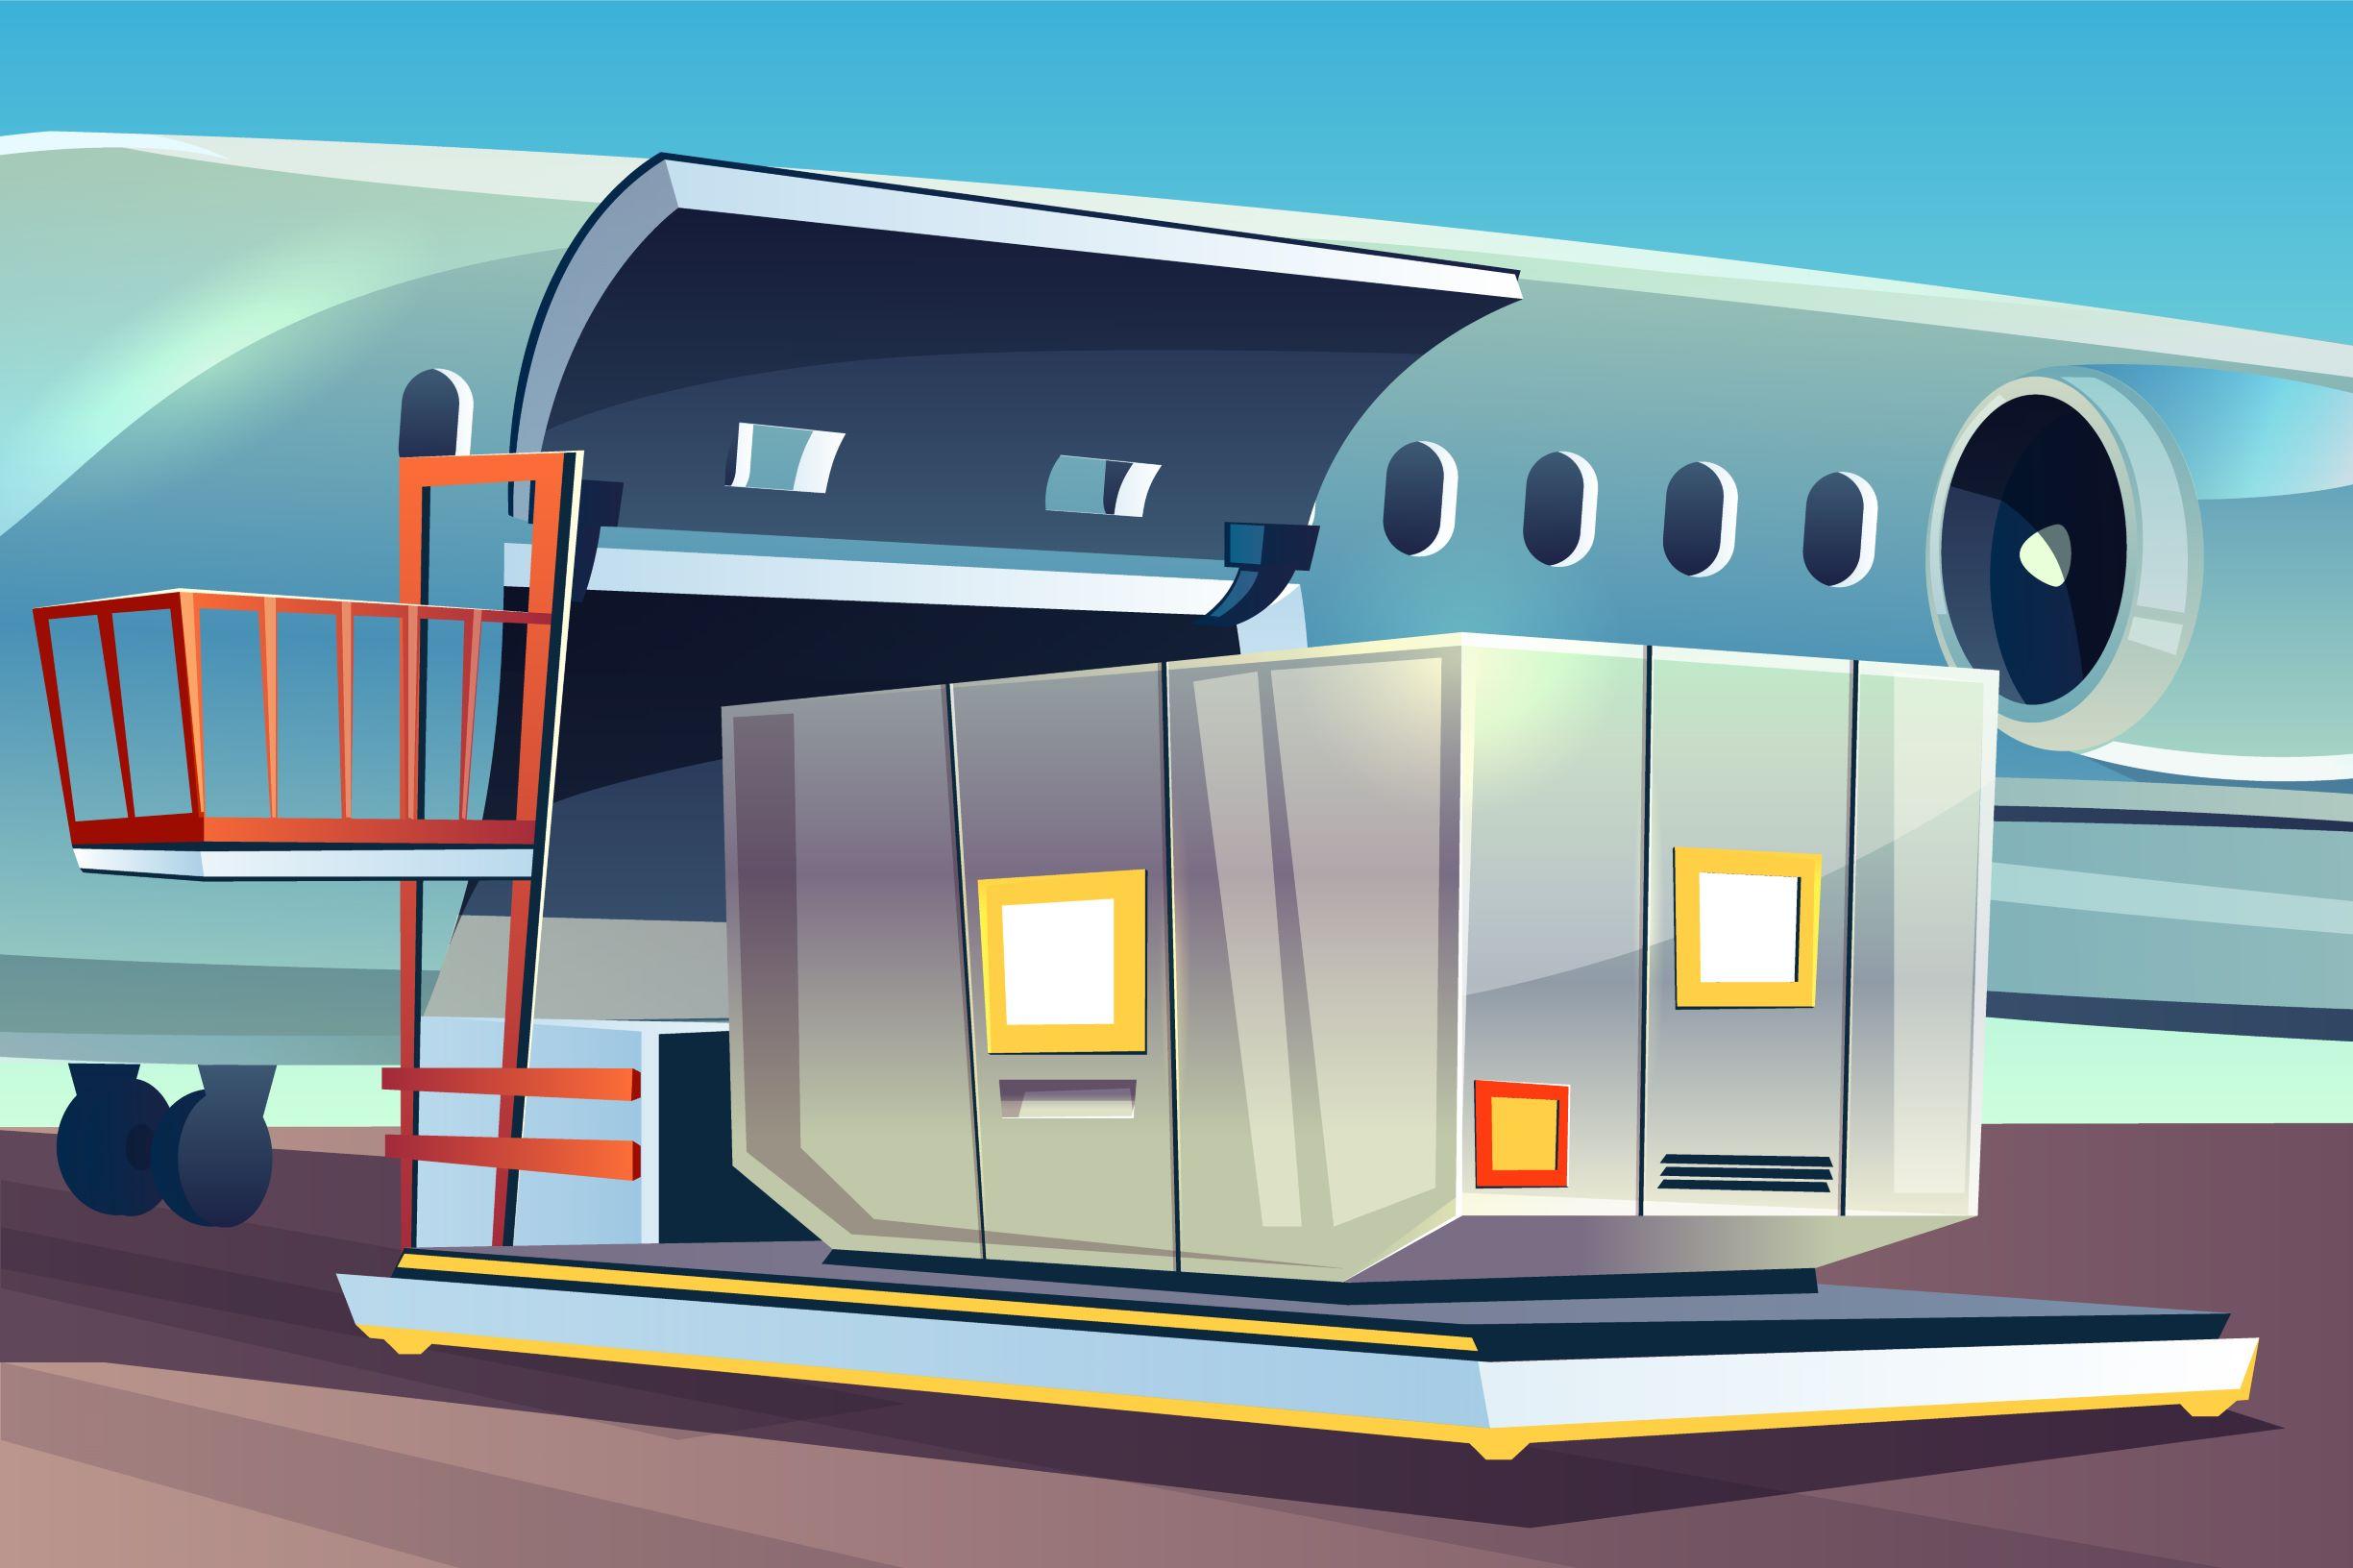 Hava Kargo Taşımacılığı ile Zaman Yönetimi Avantajı